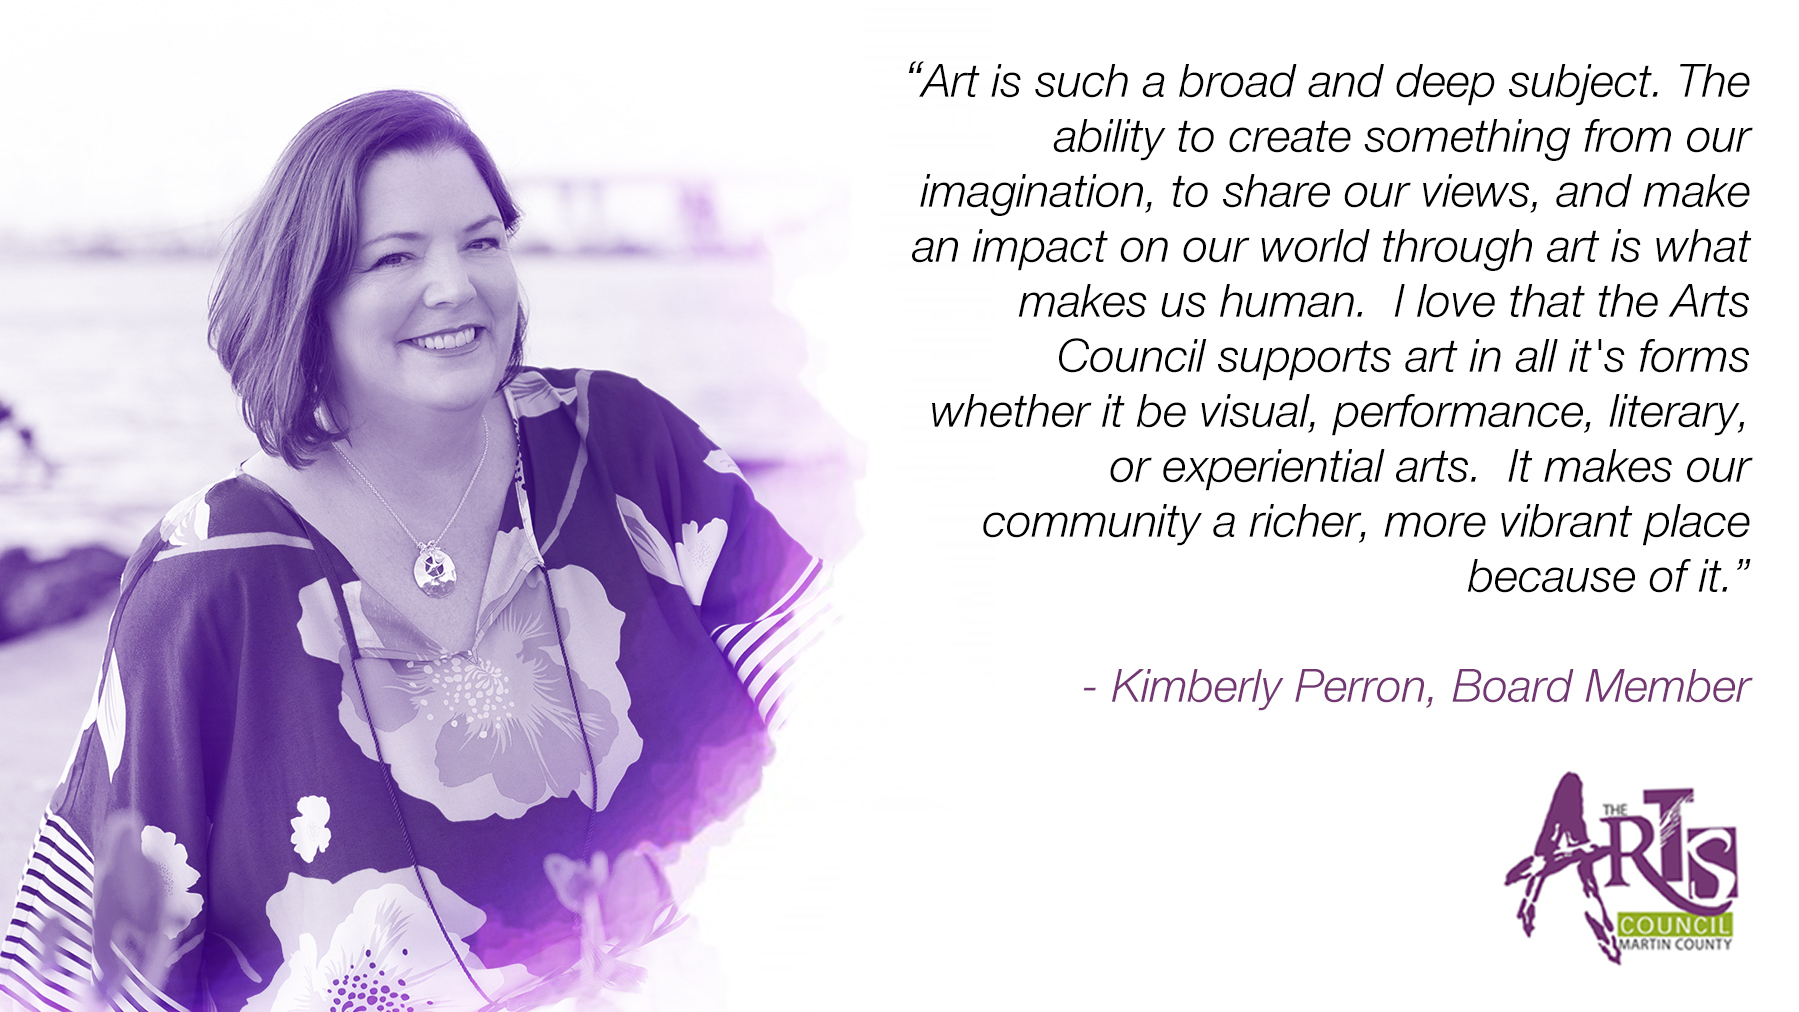 Kimberly Perron